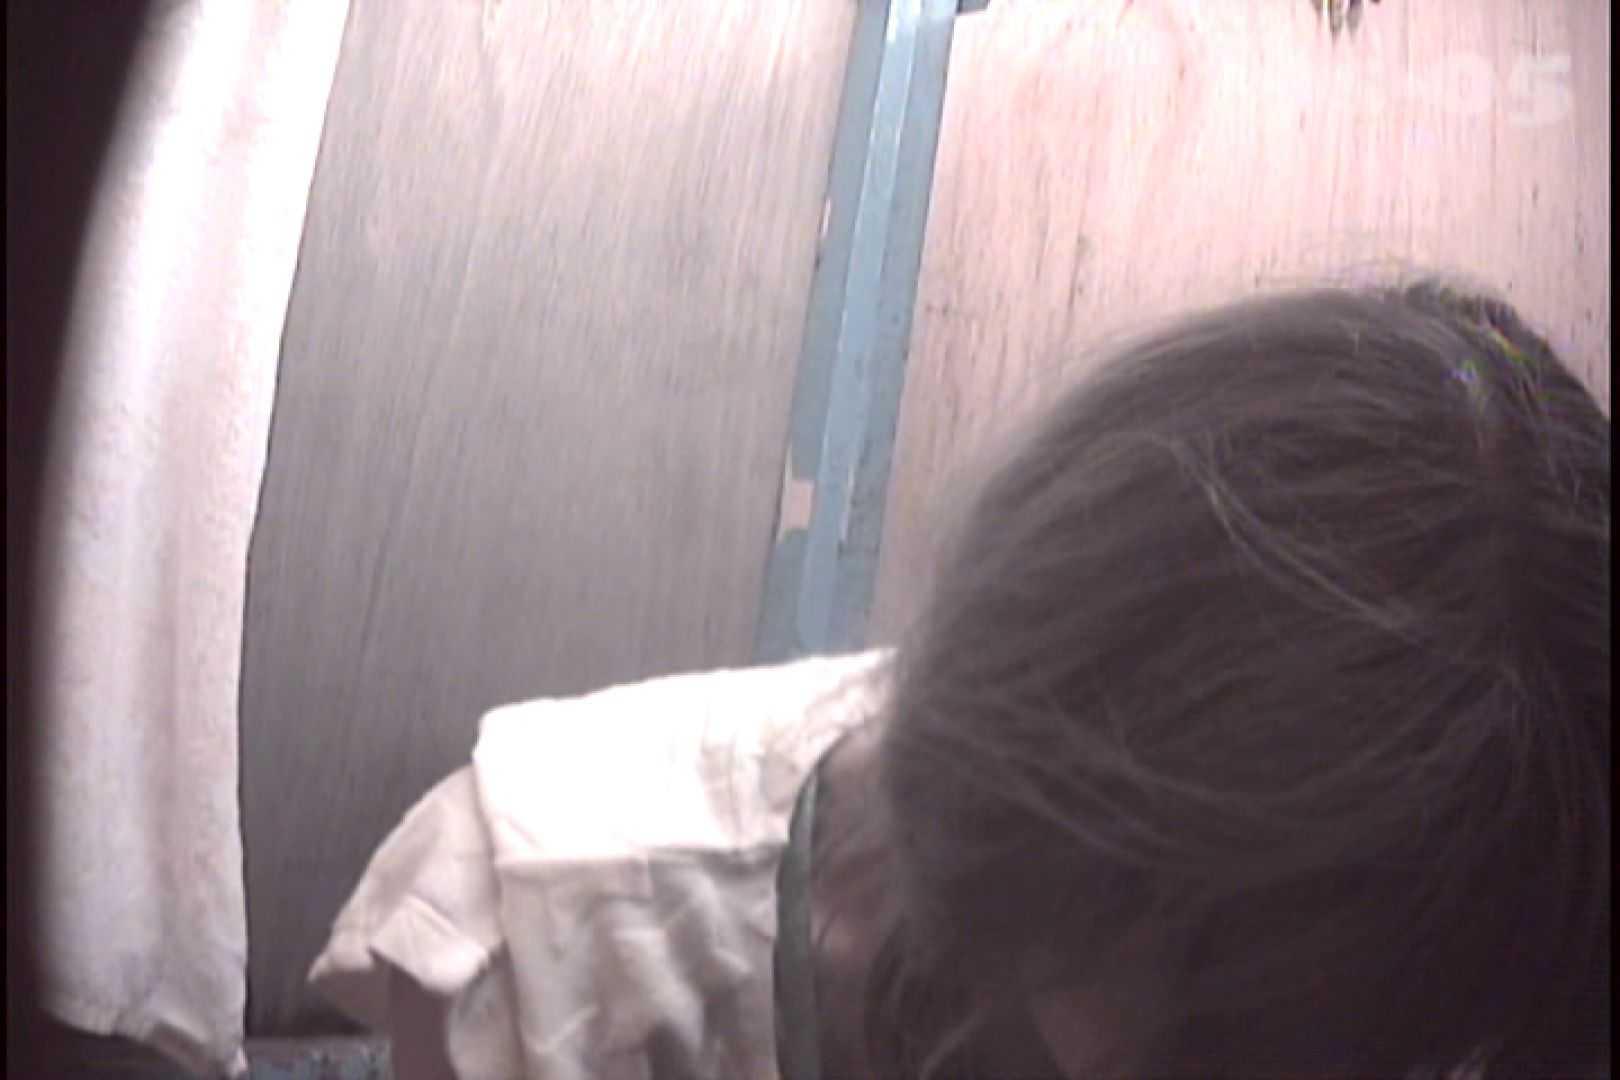 File.37 収穫の秋、こんなの取れました。必見です!【2011年20位】 名人 | シャワー室  91画像 9